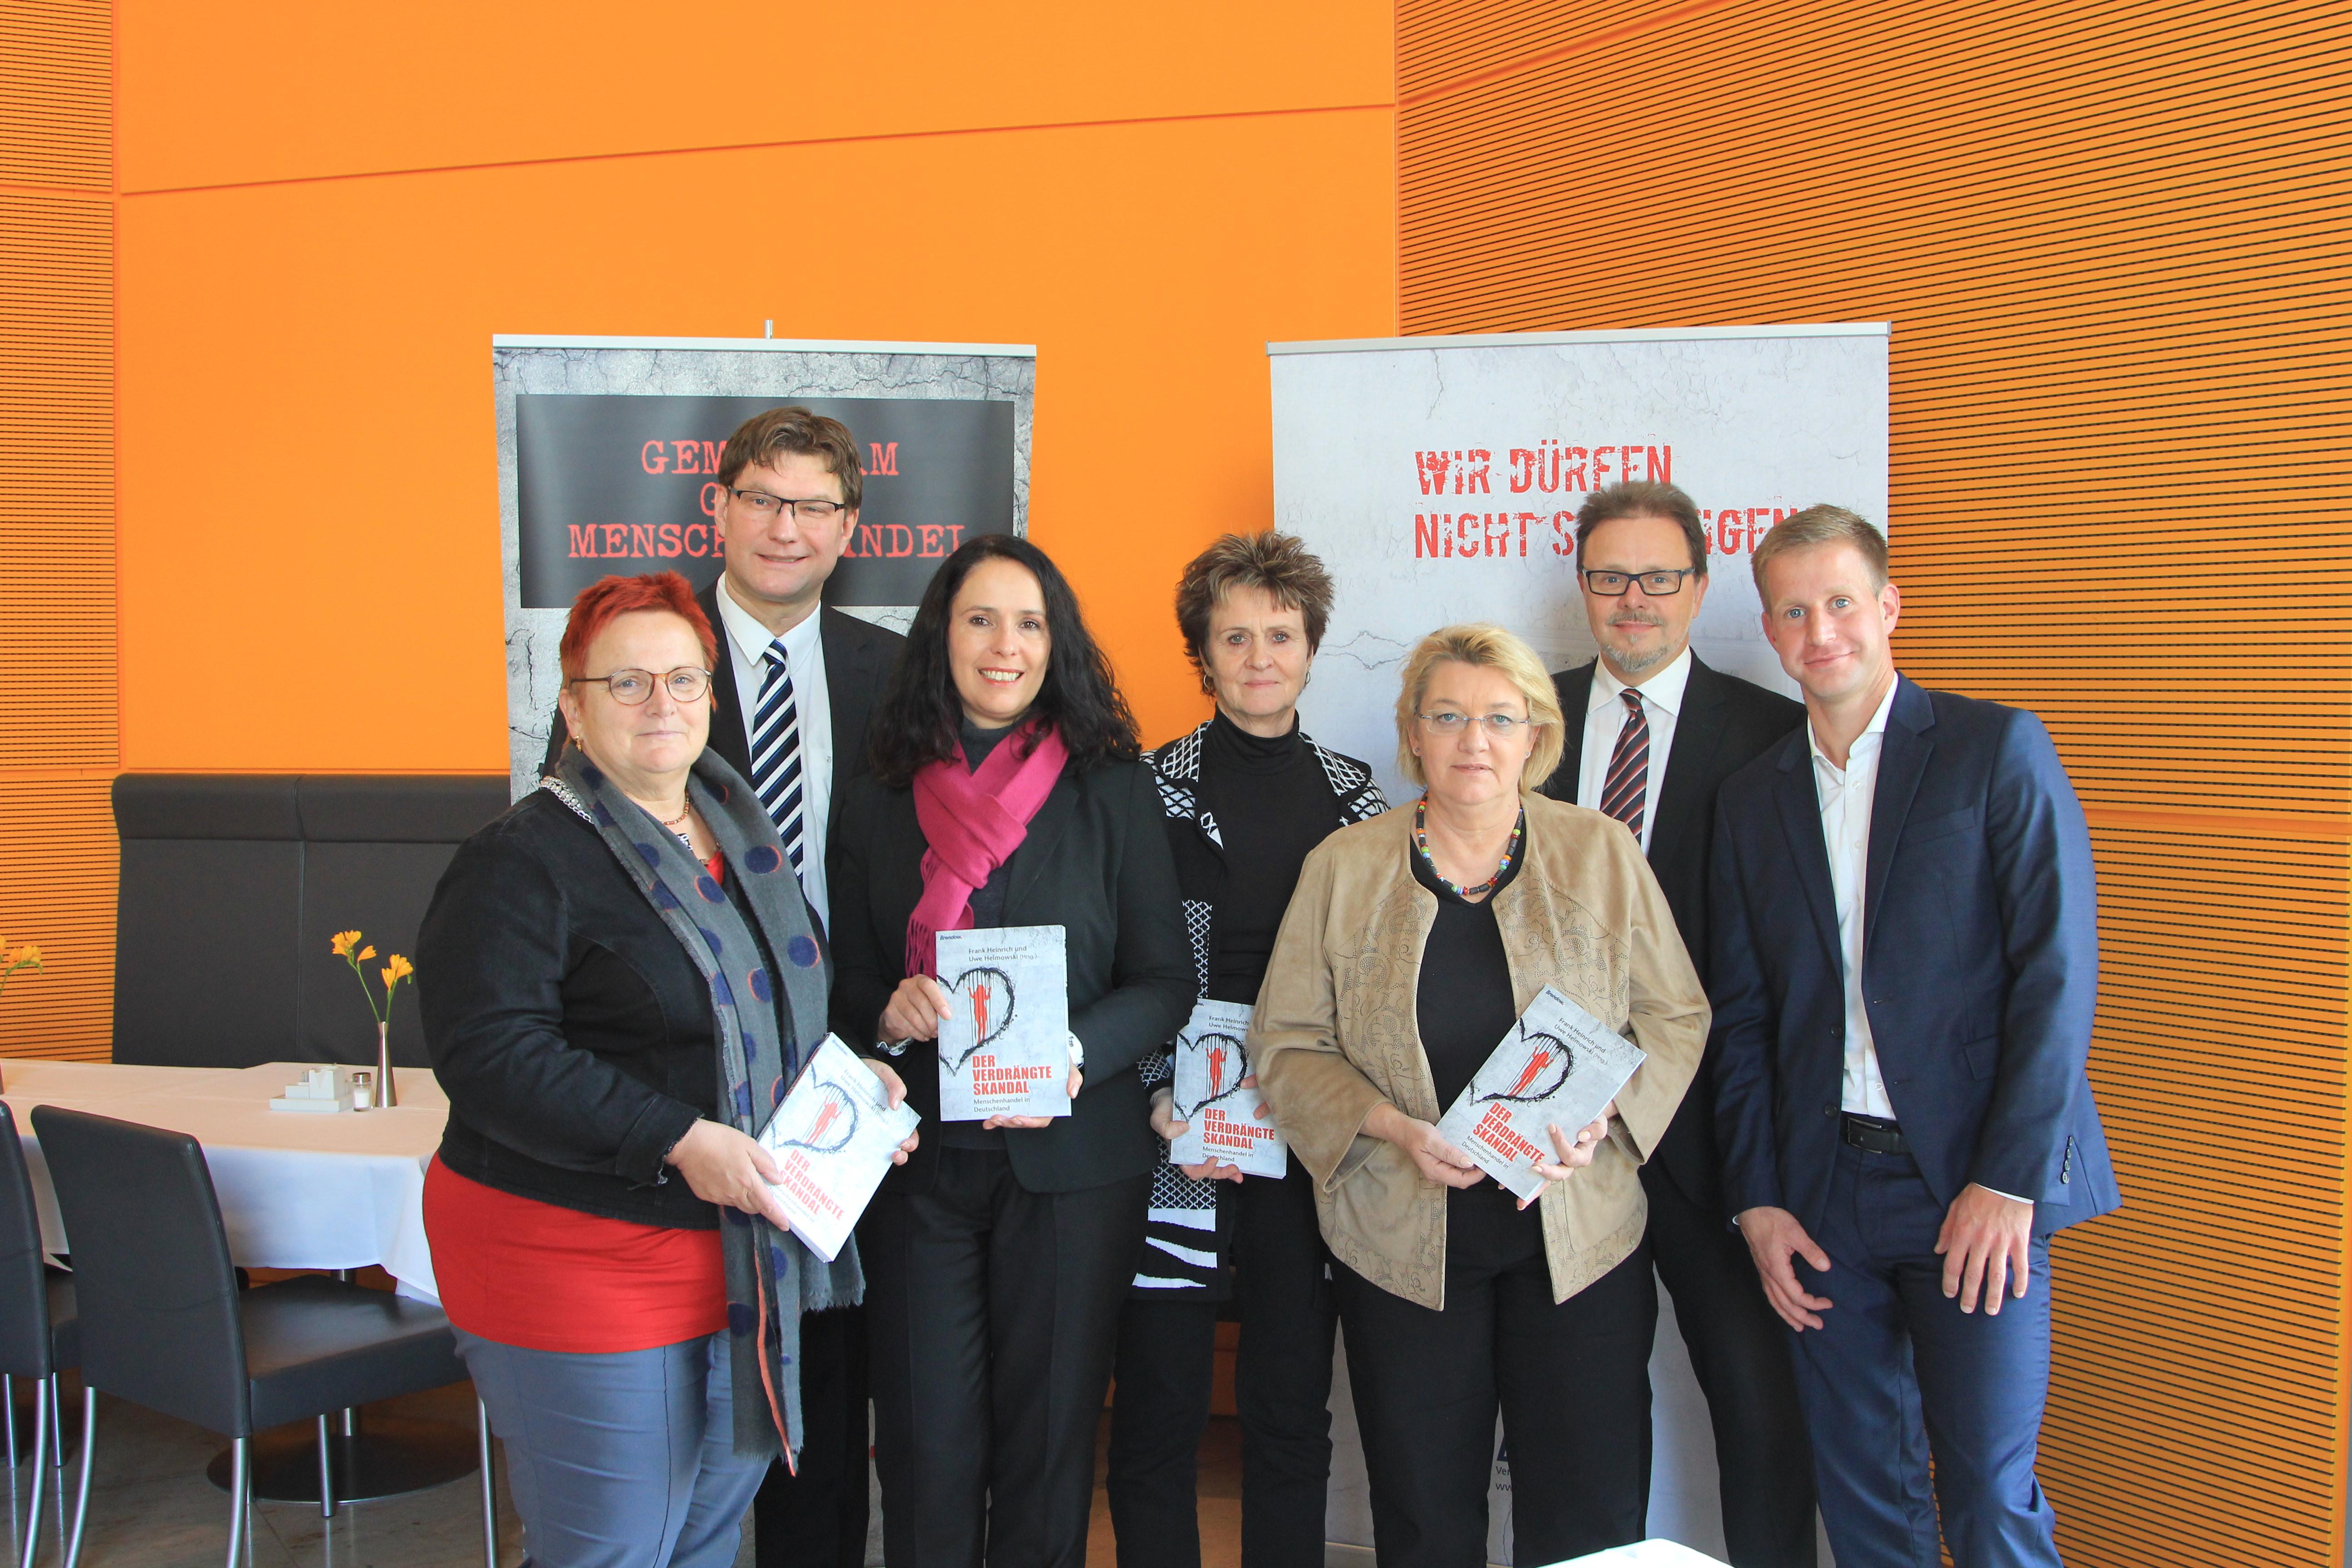 Abgeordnete freuen sich über Engagement gegen Menschenhandel